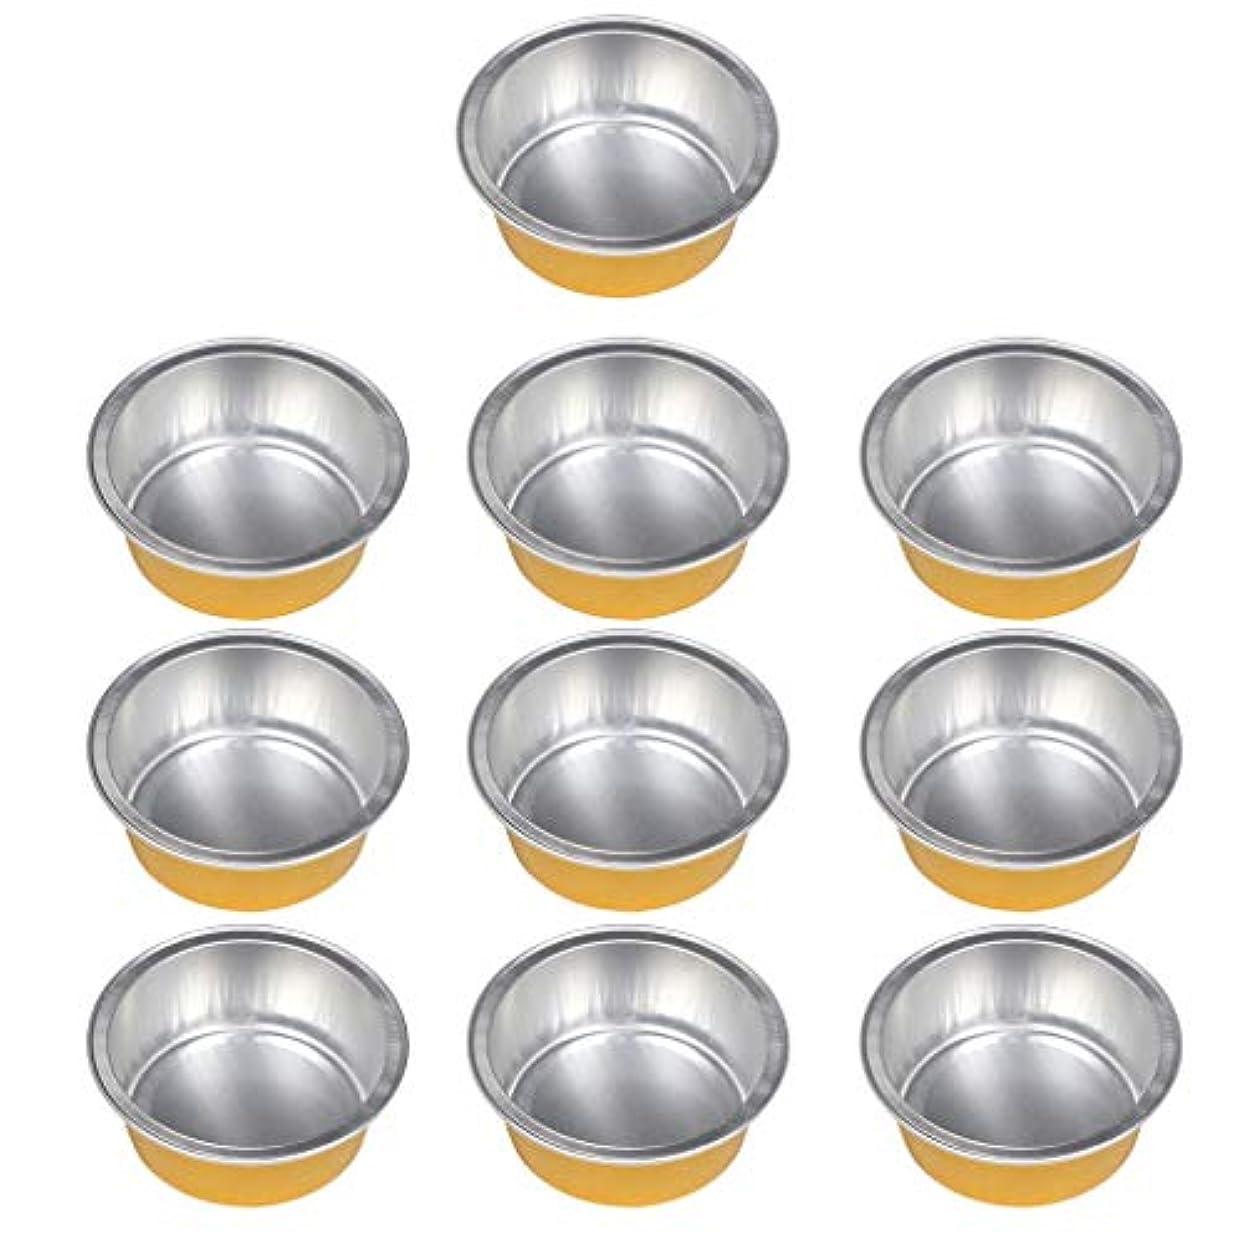 スポークスマン急襲交響曲10個 アルミホイルボウル ワックスボウル ミニボウル ワックス豆体 融解ケース 衛生 2種選ぶ - ゴールデン1, 01